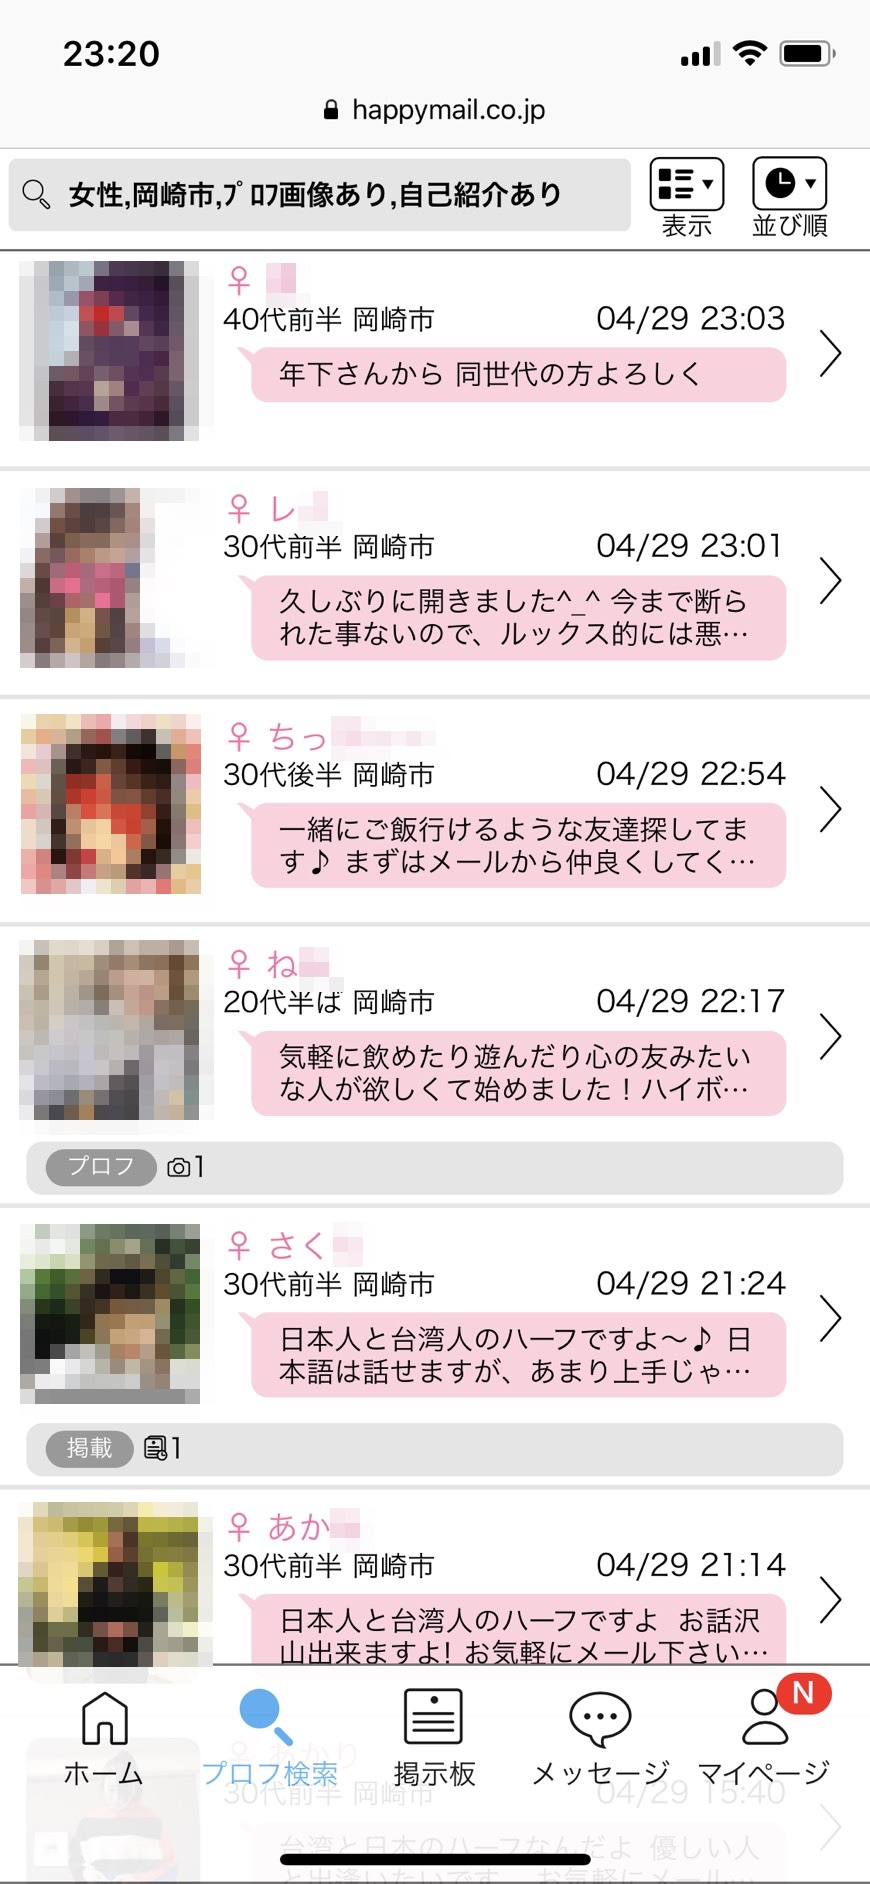 岡崎・出会い希望(ハッピーメール)